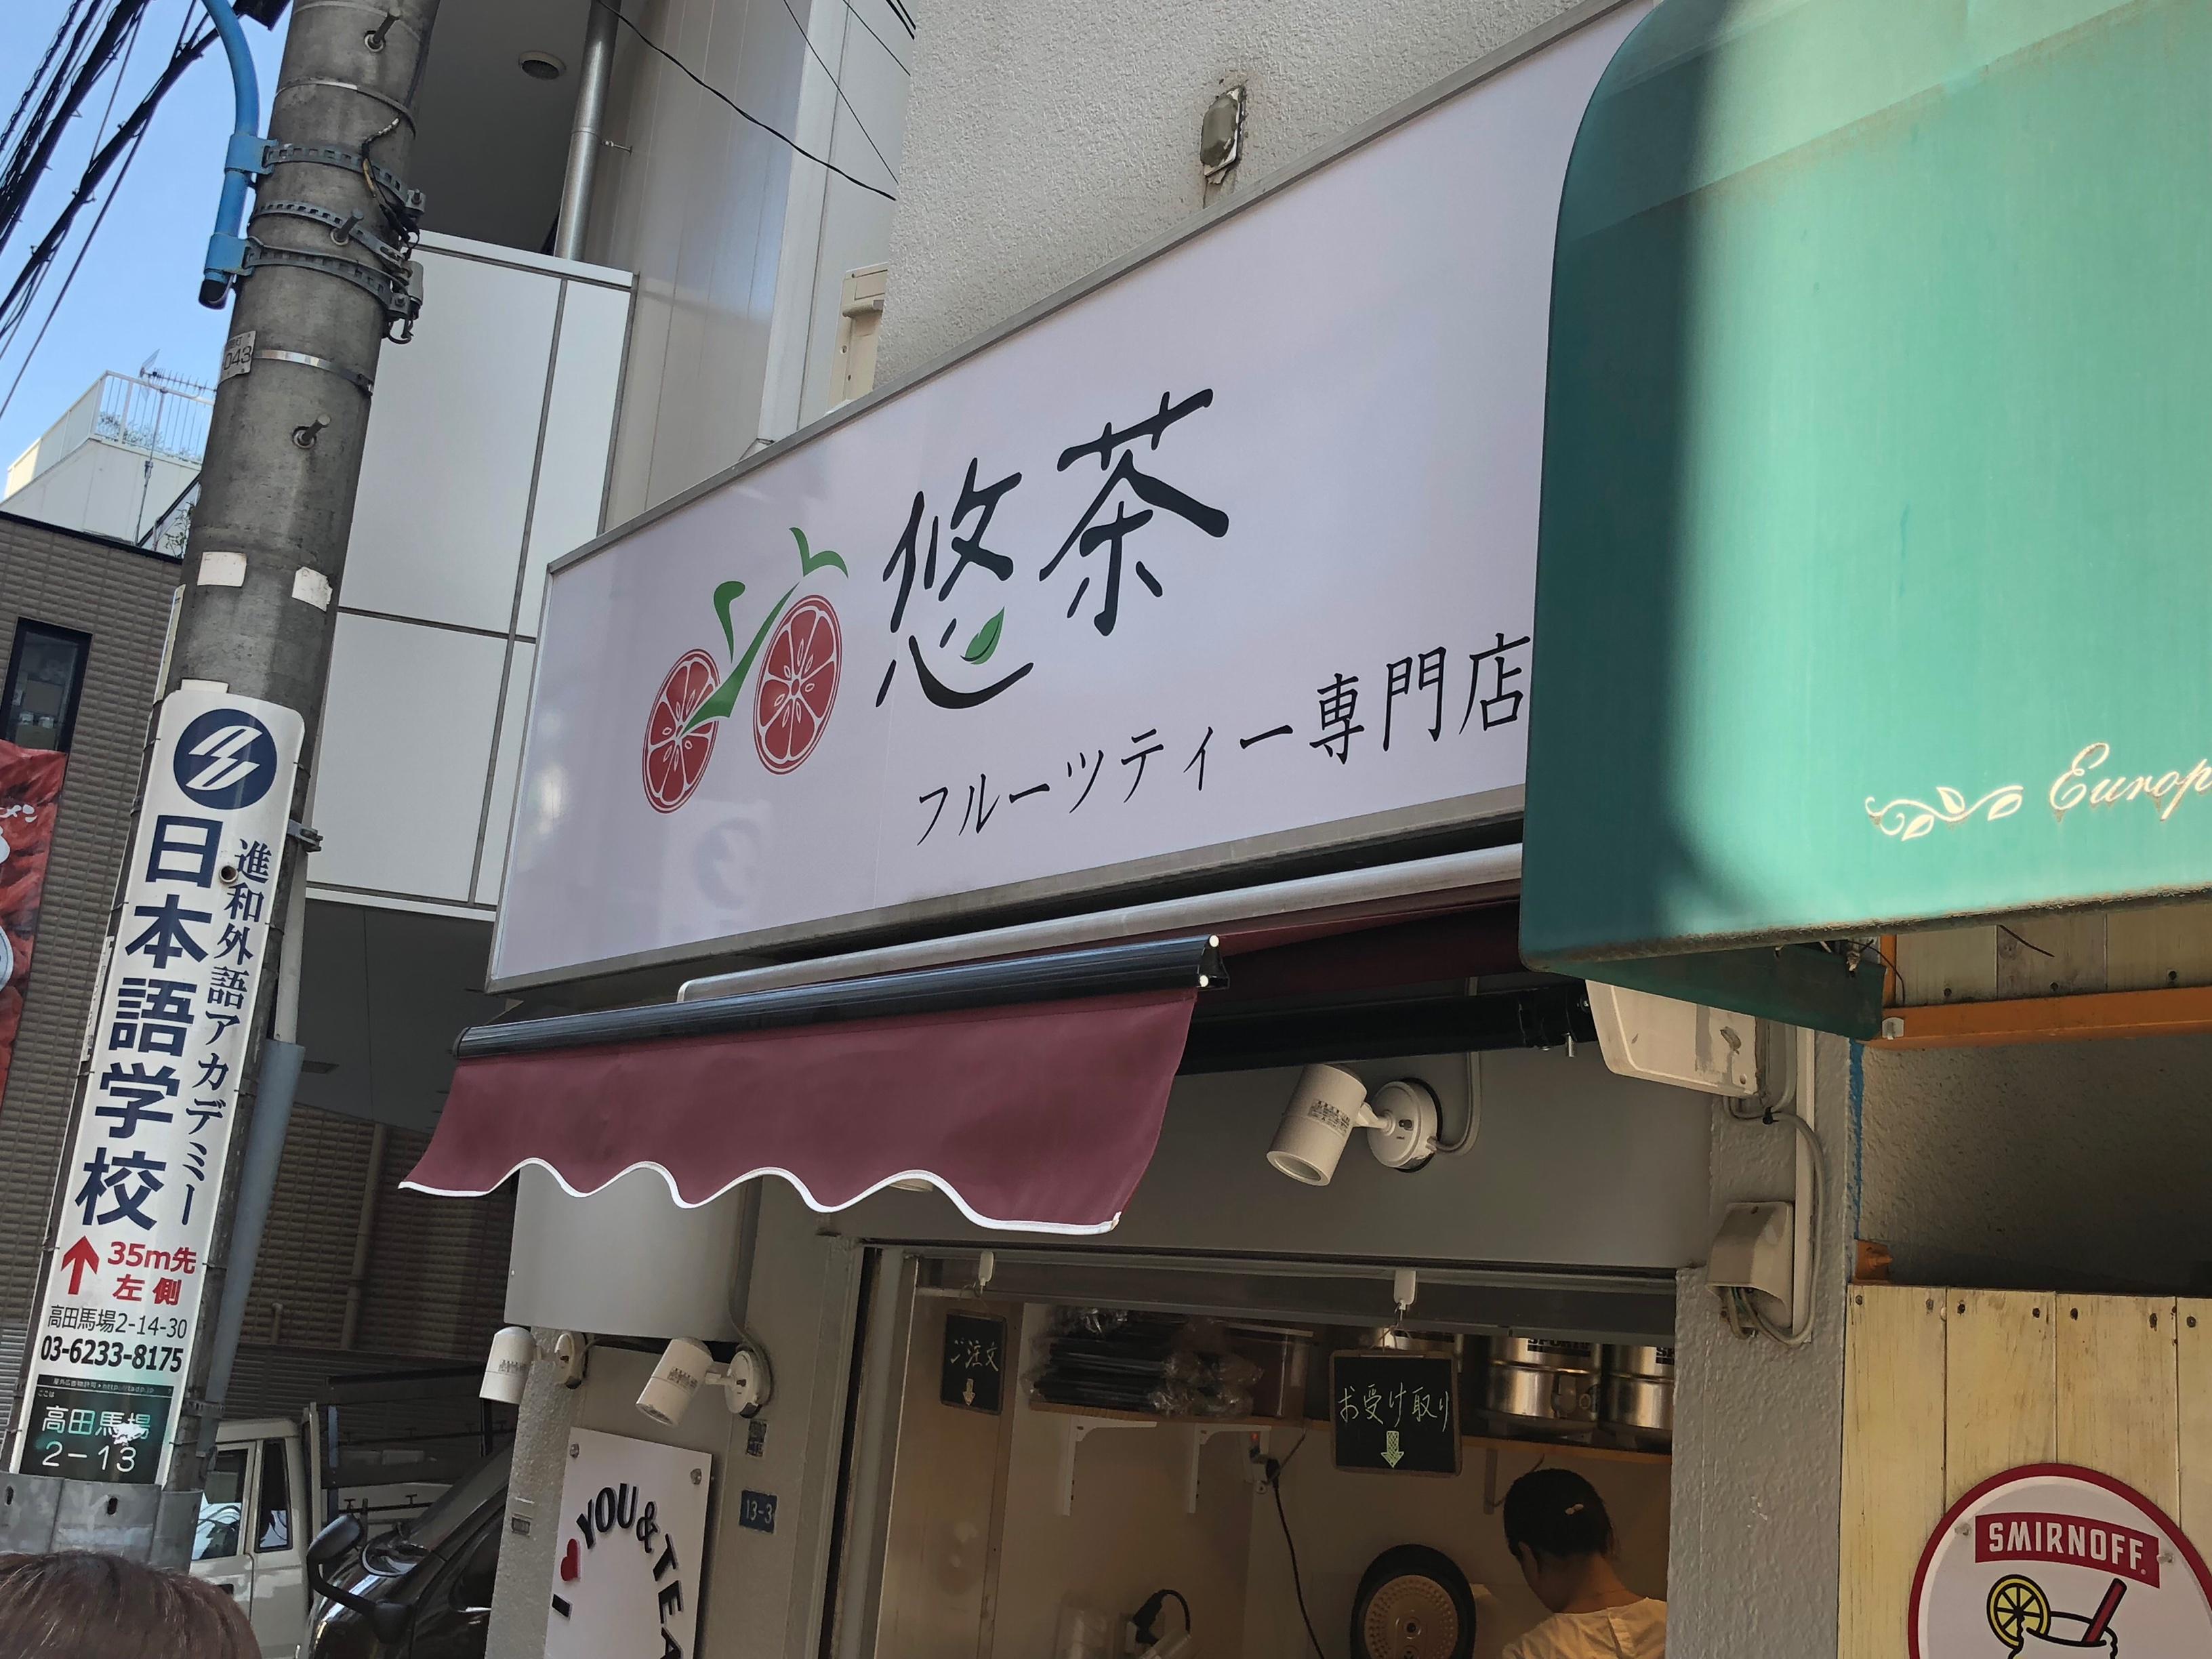 高田馬場のチーズティー悠茶